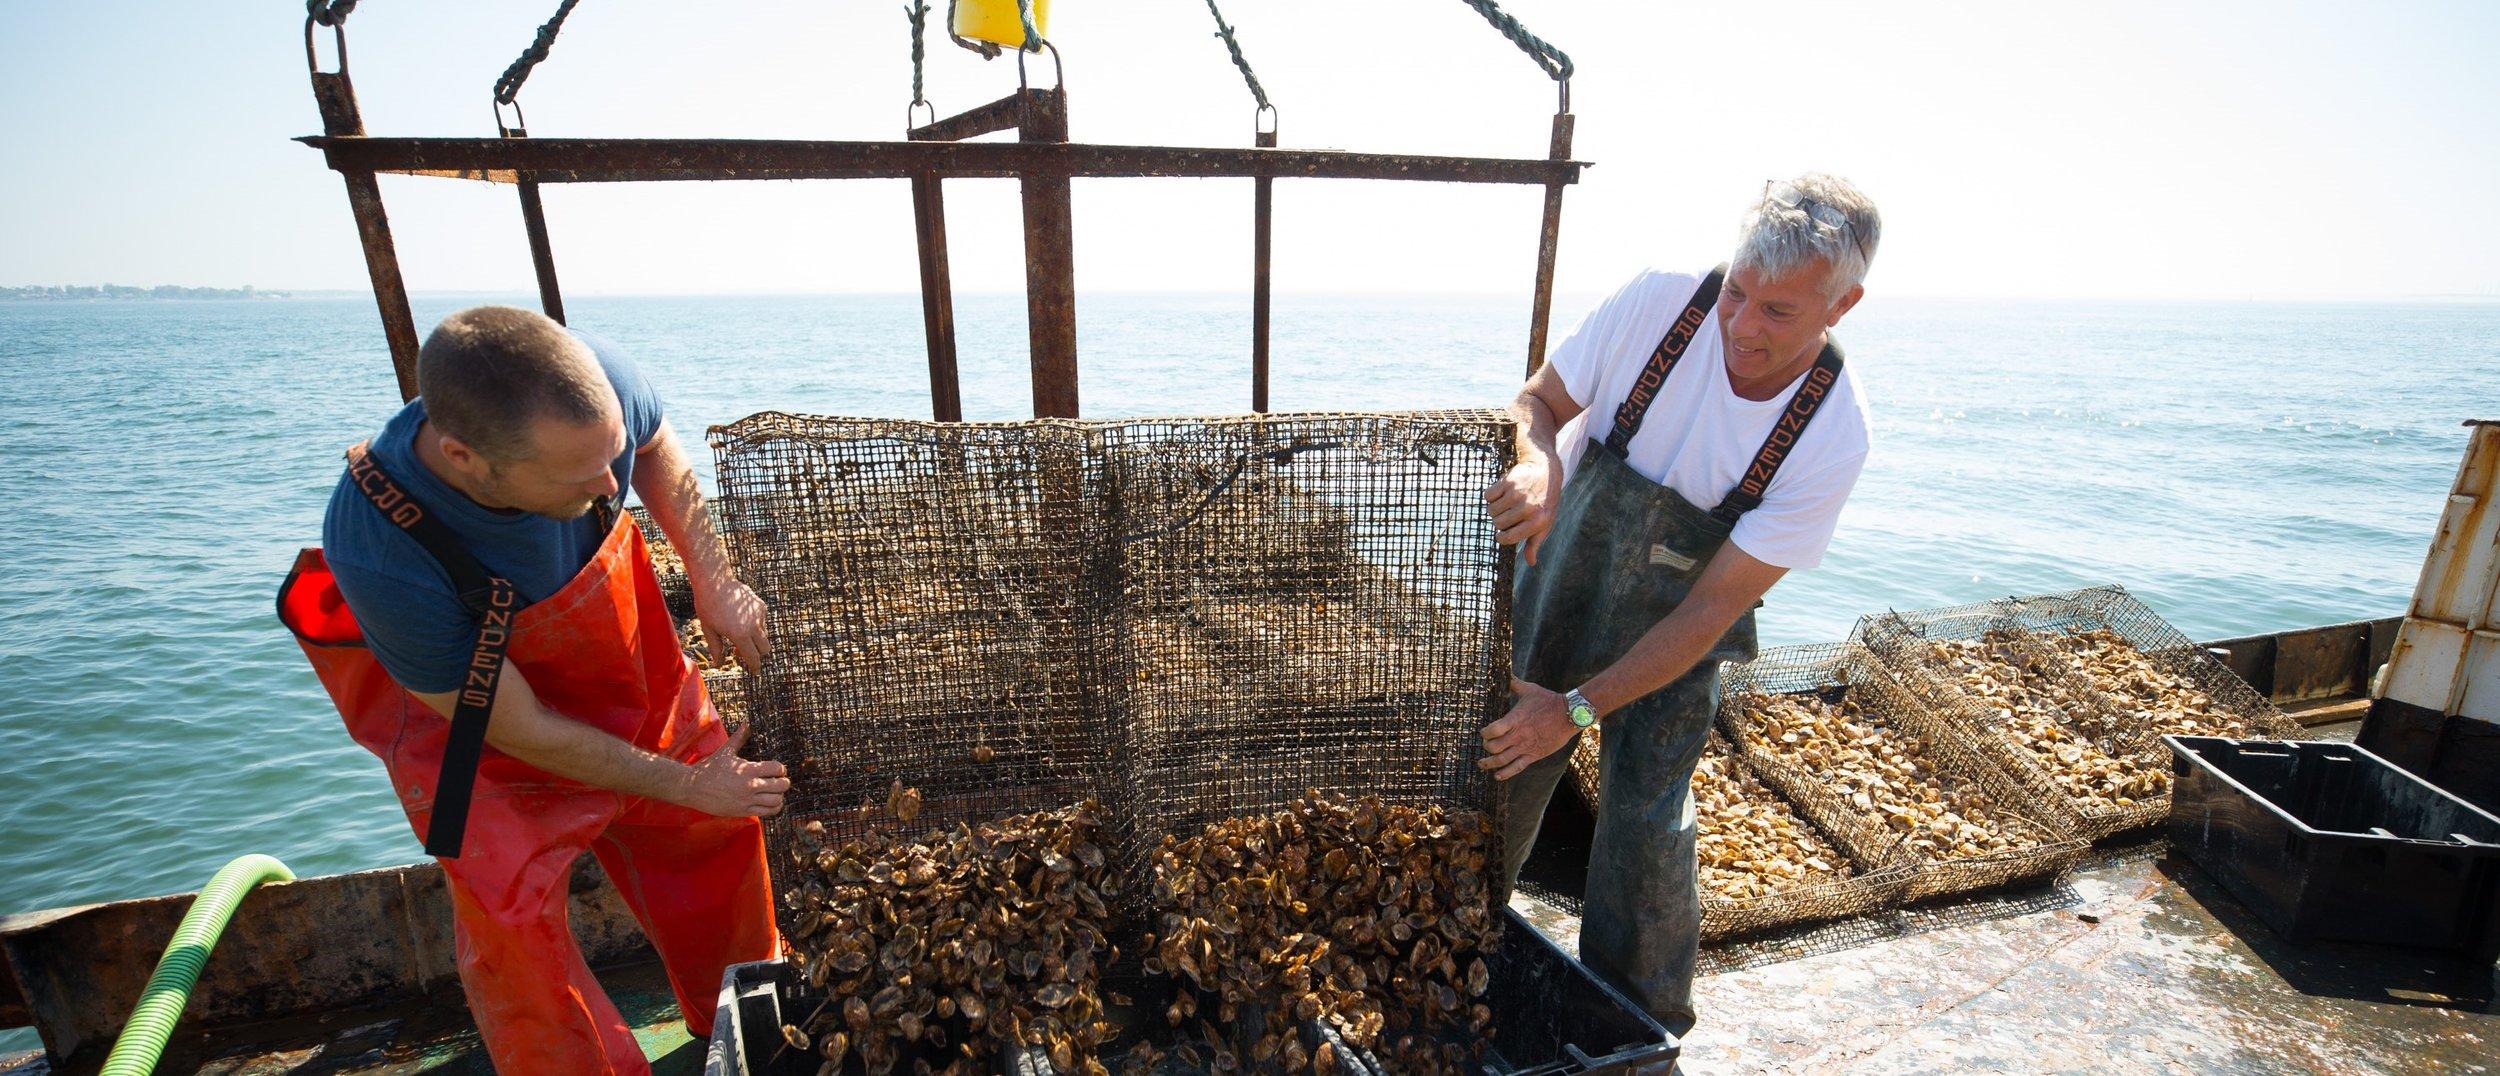 Jardar & Steve unloading oysters. Source: www.stellamaroysters.com